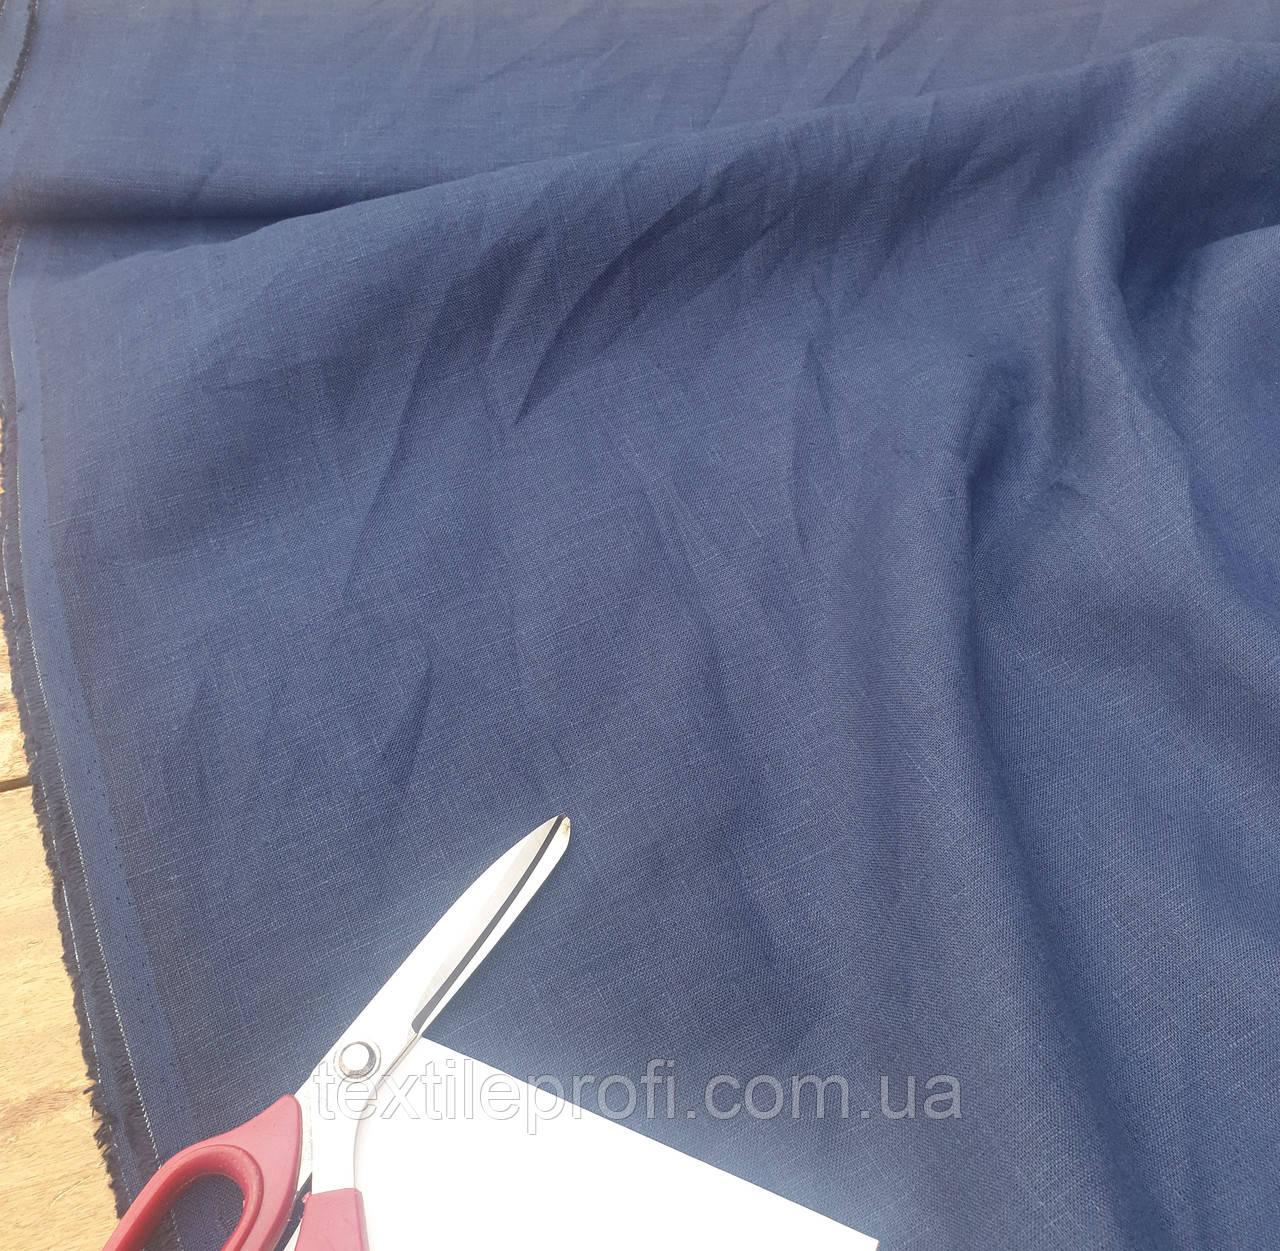 Сорочечная ткань купить интернет магазин купить набор иголок для шитья